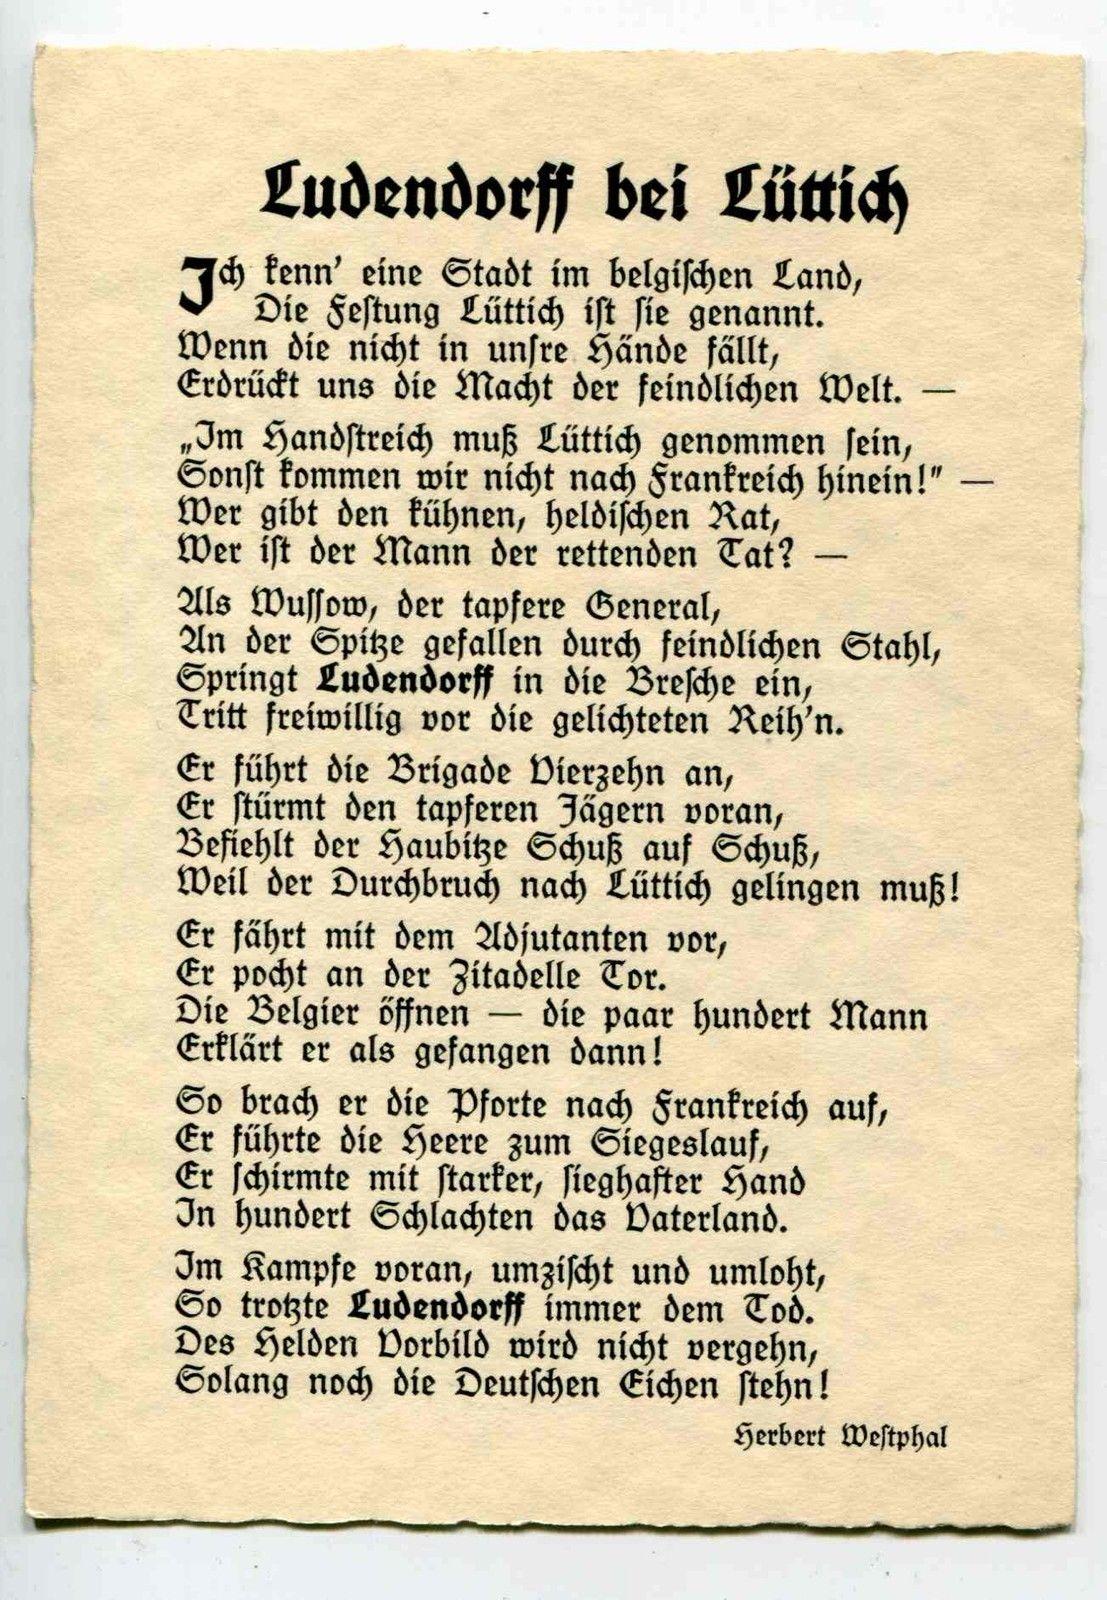 General-Ludendorff-bei-Luttich-